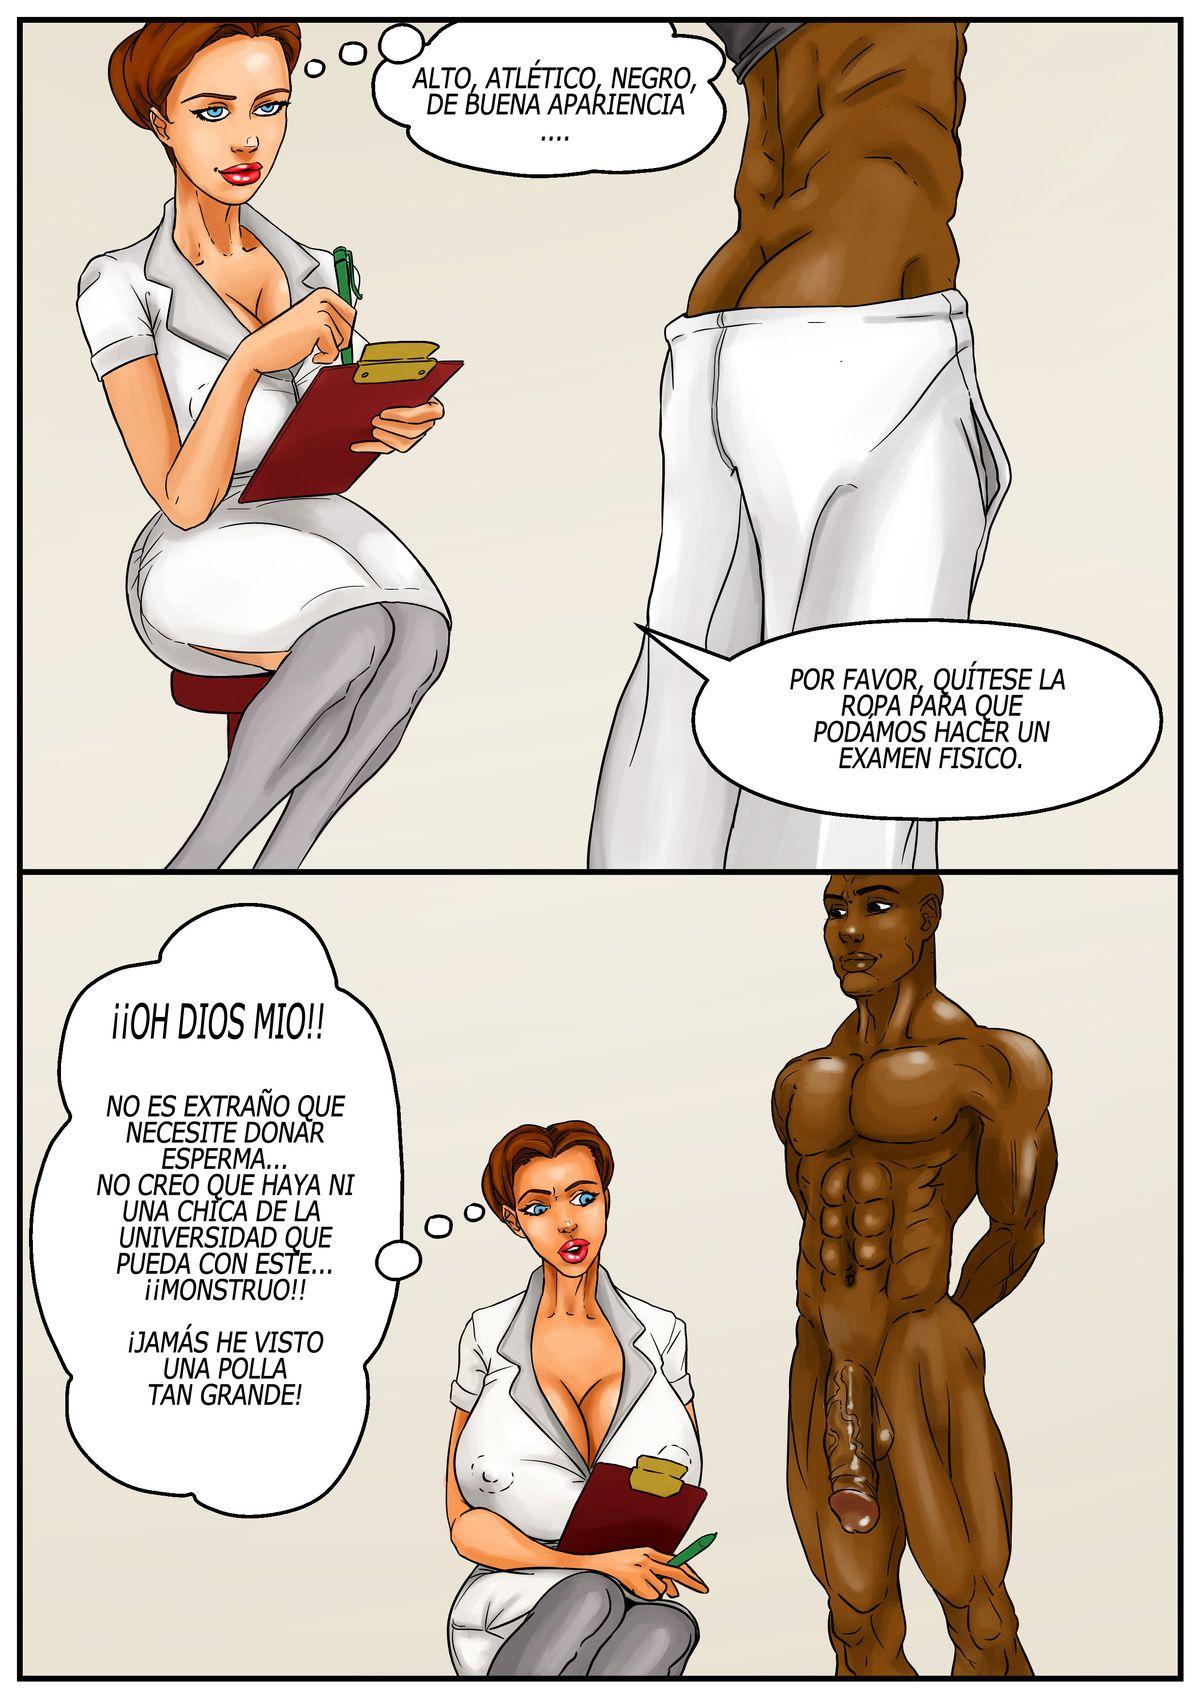 Cómic porno interracial. Banco de Esperma 03